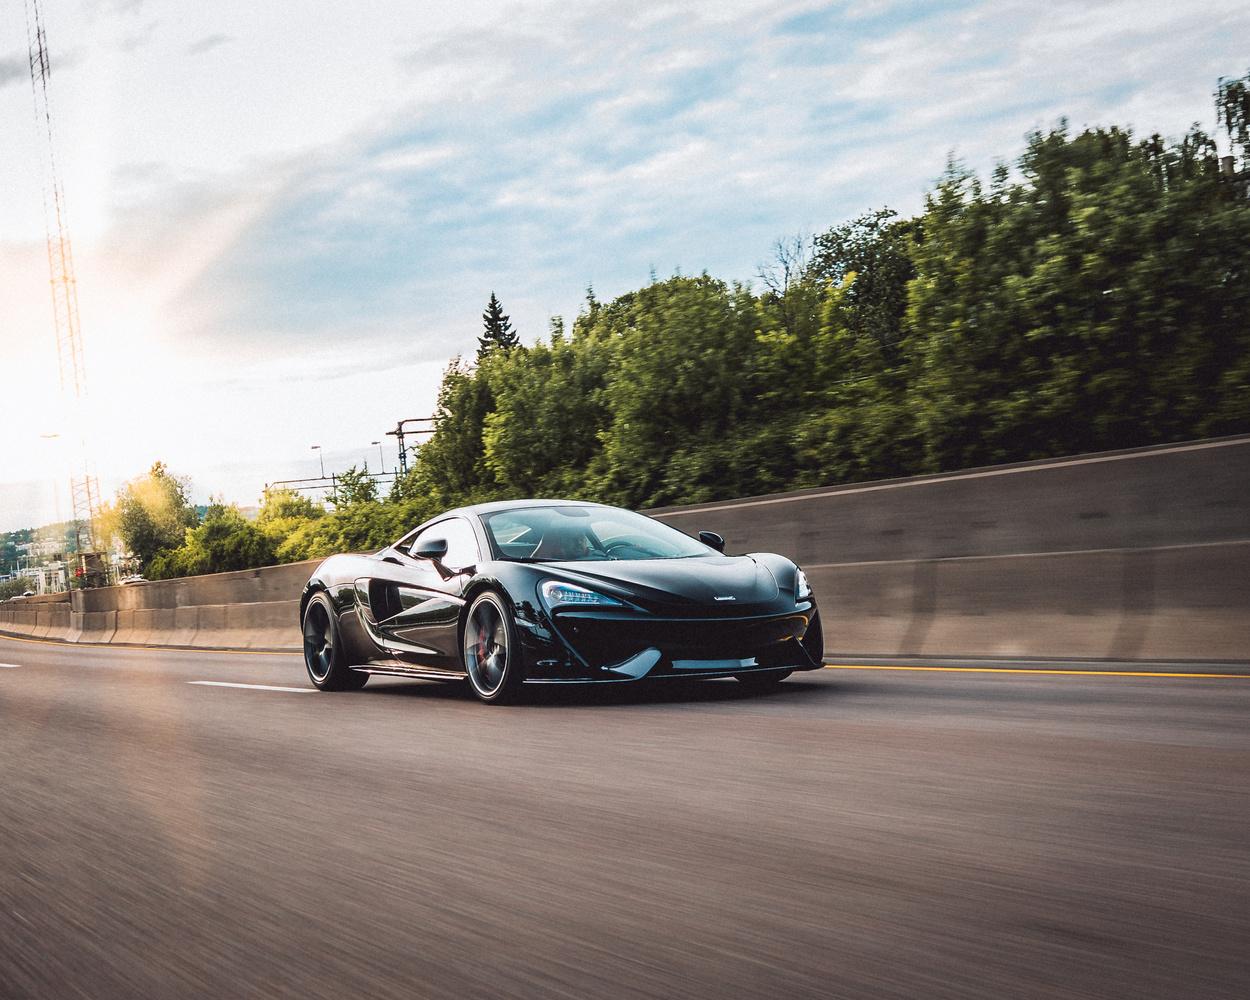 McLaren 570S rolling shot by Henrik Utne